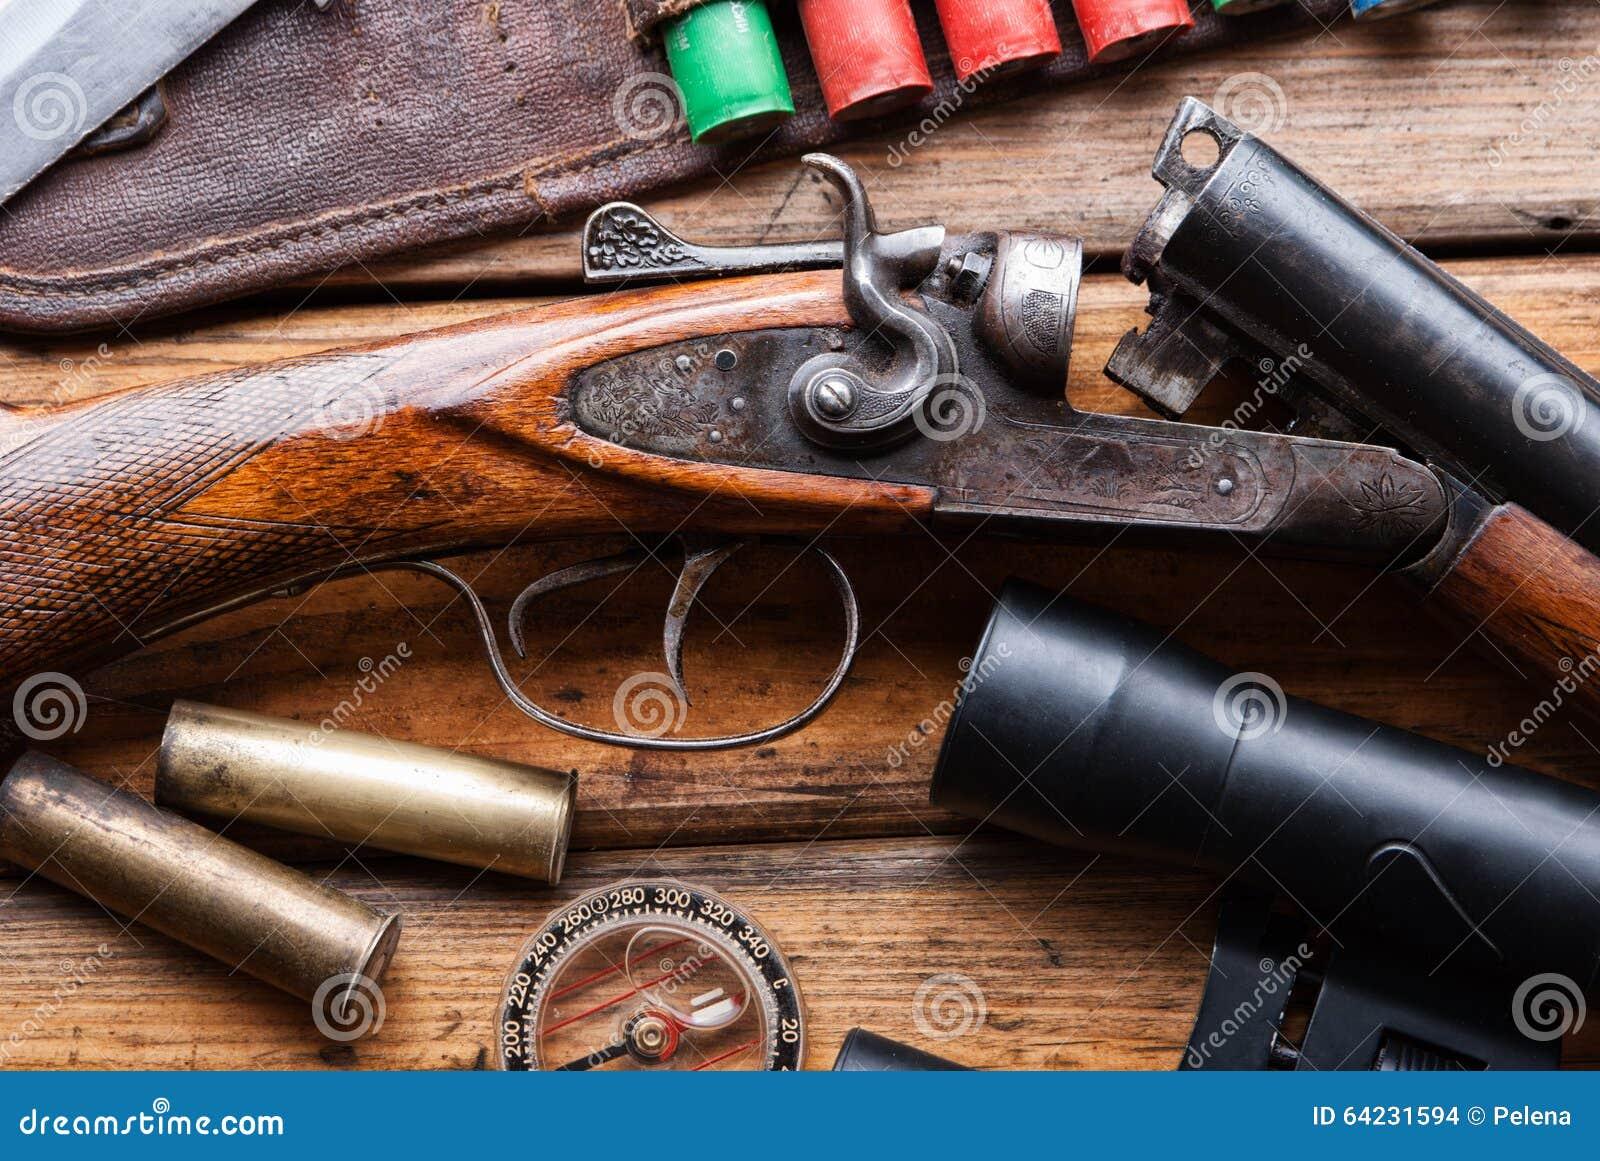 875b6c8a6538 Le Fusil De Chasse Ceinture De Cartouche Jumelles Sur Une Table En